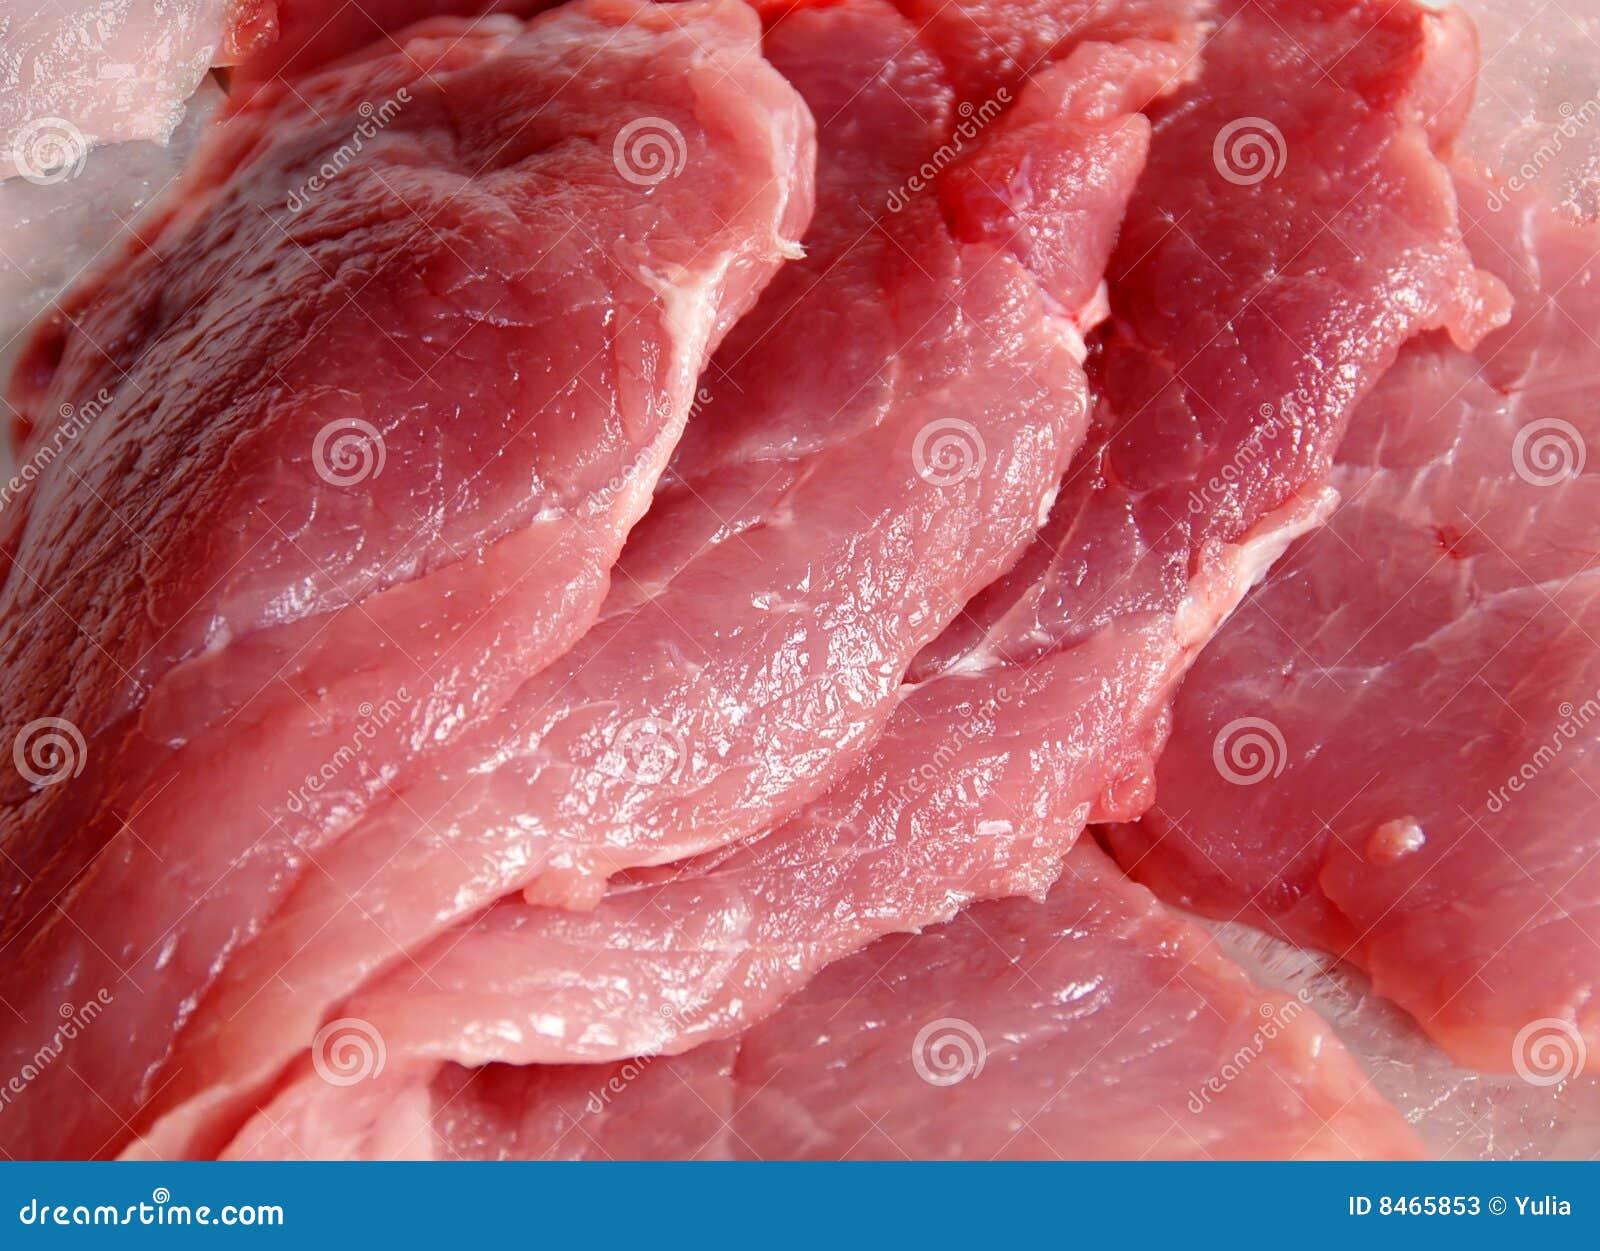 Rå meat